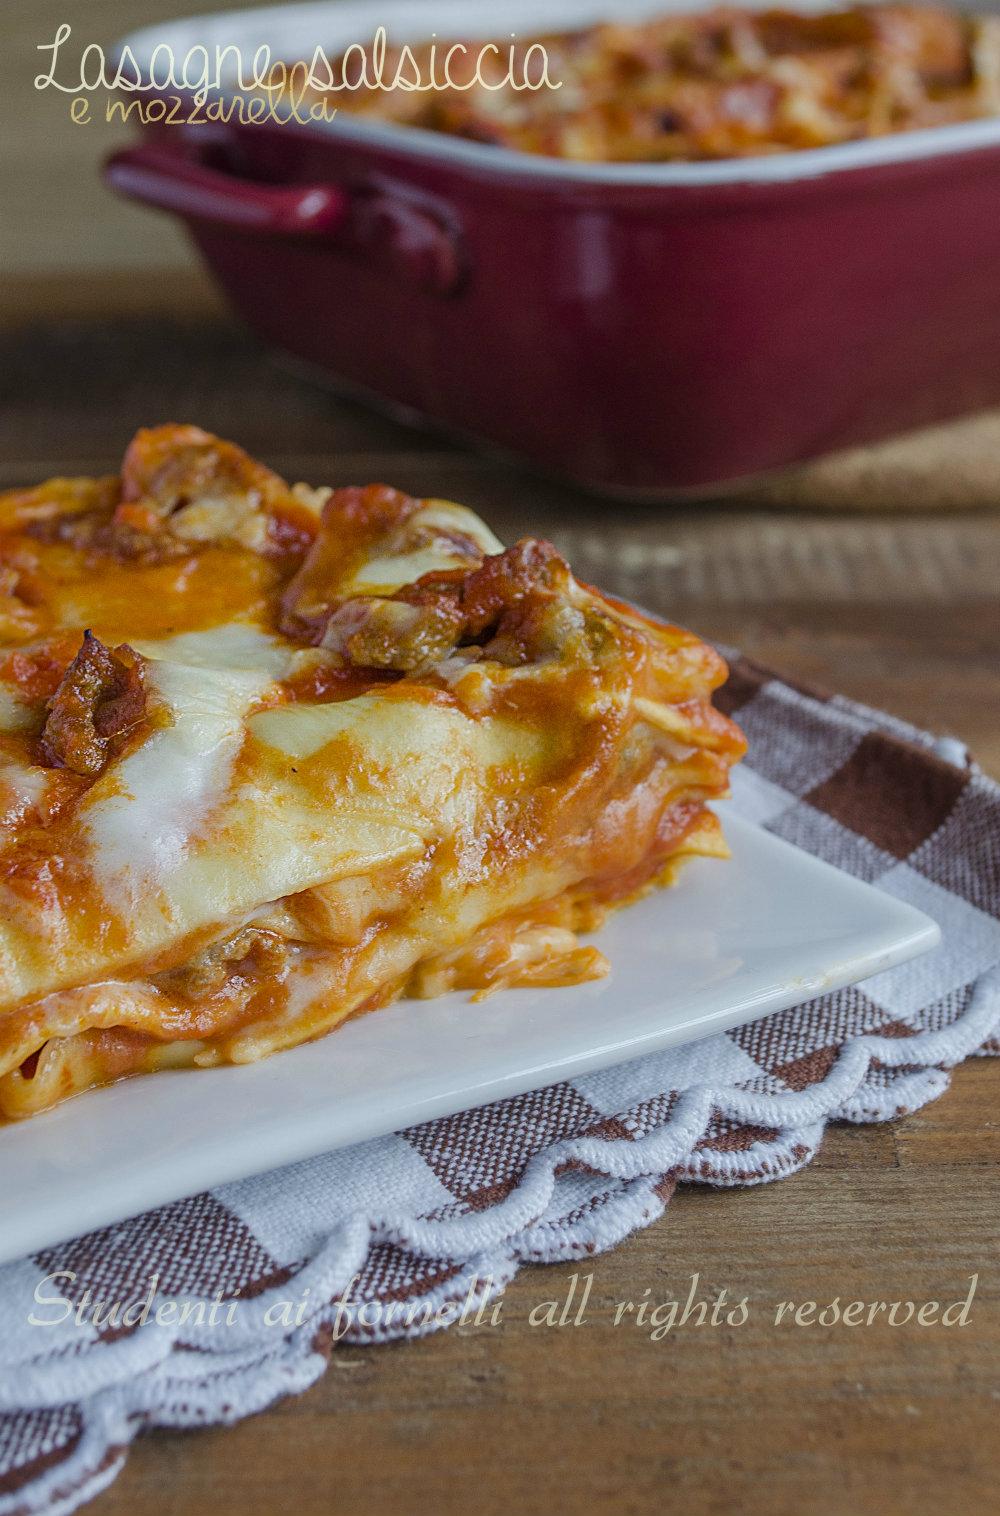 lasagne salsiccia e mozzarella con besciamella ricetta lasagna gustosa al ragù